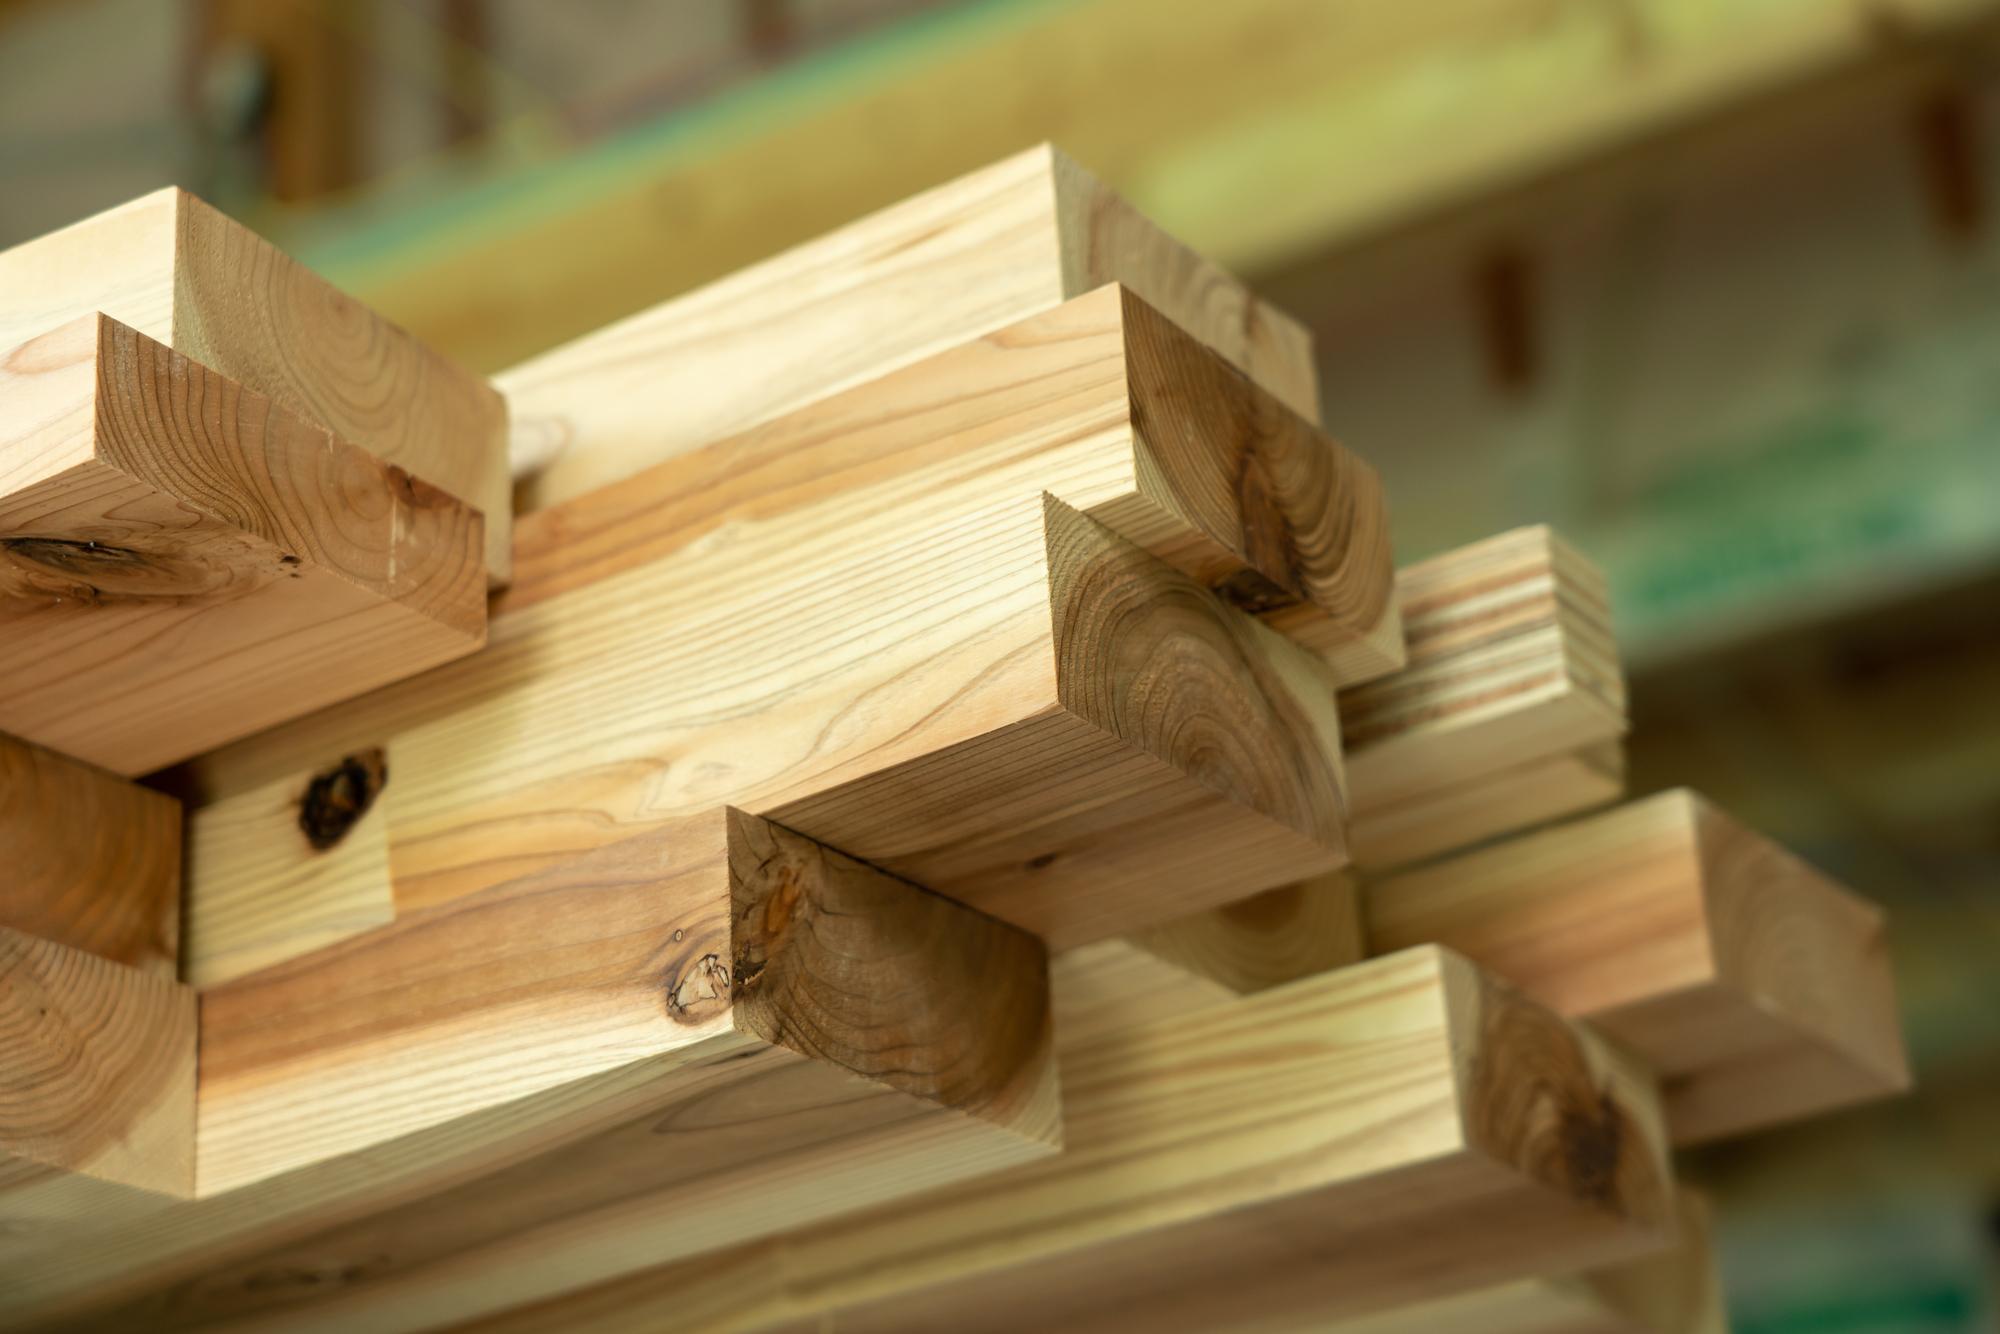 大規模木造で国産材を活用するメリット2:ウッドショック等のリスクに強い